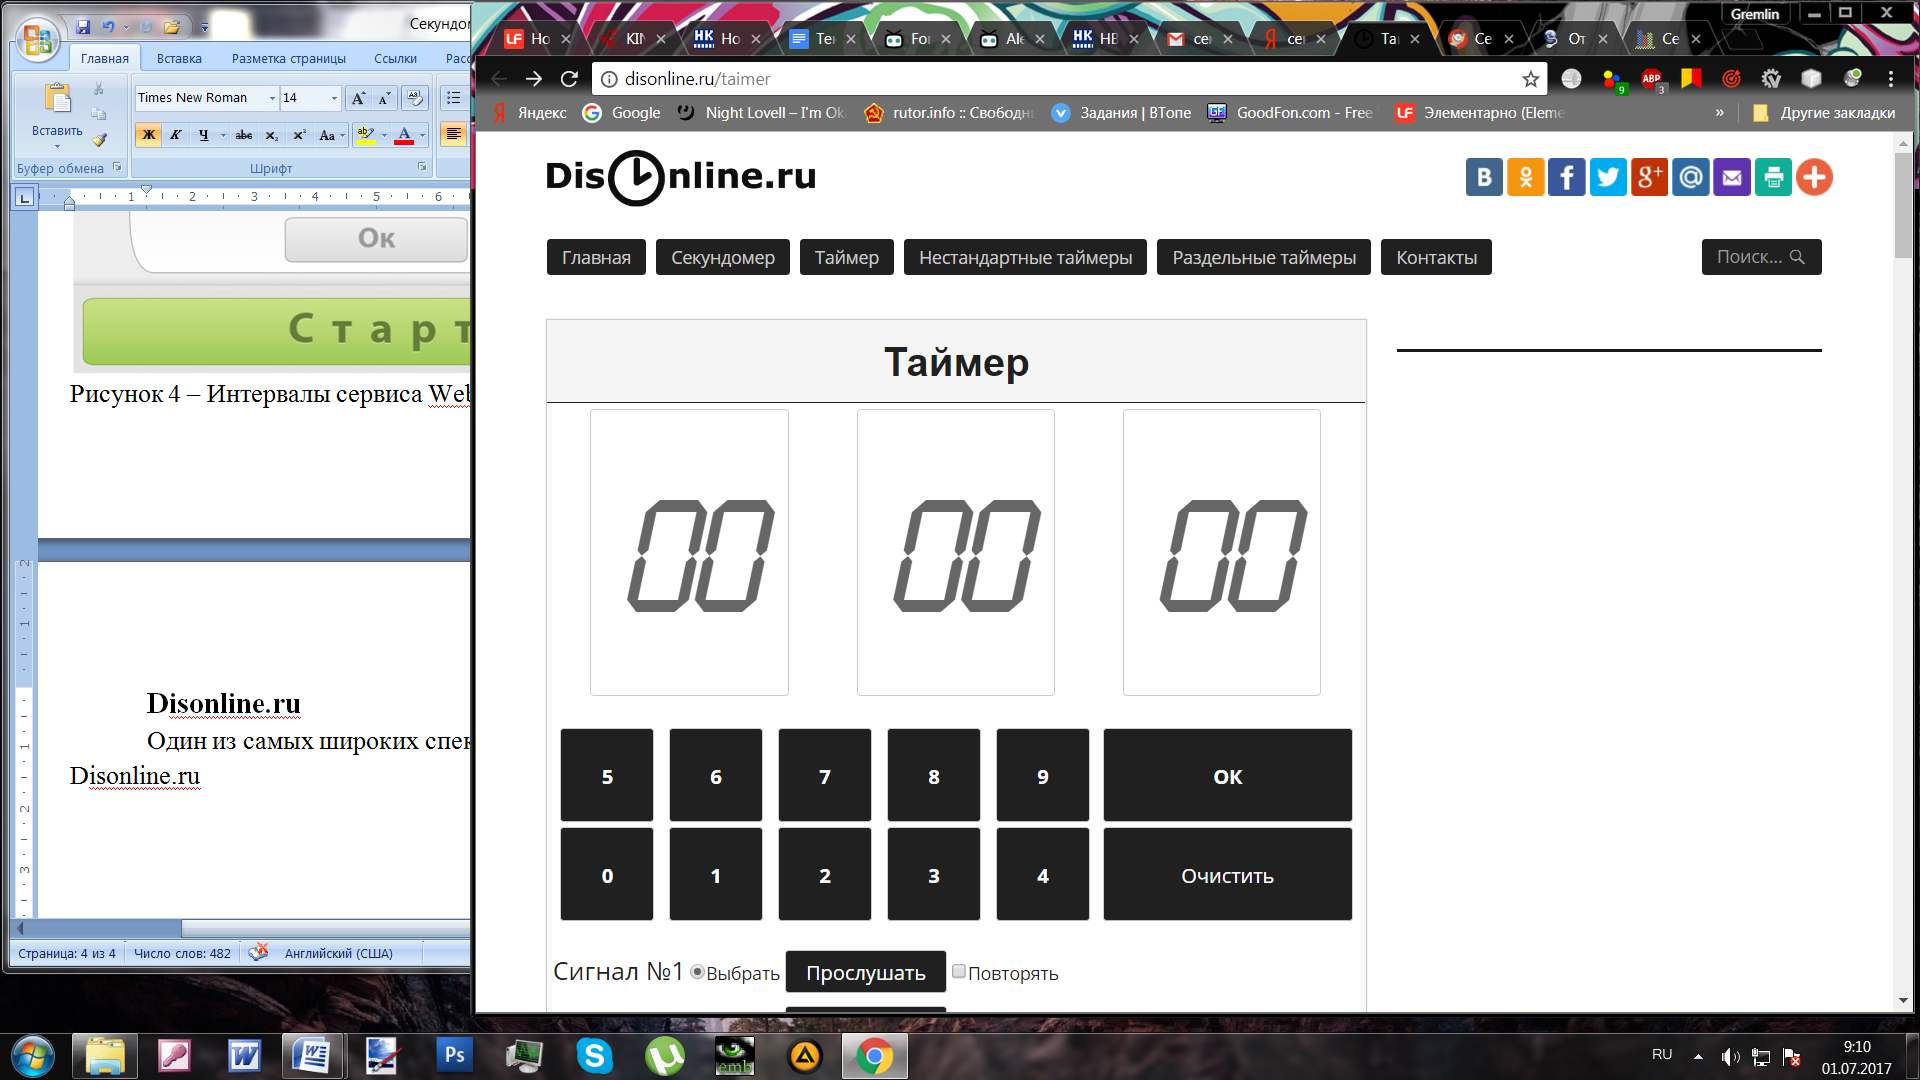 Таймер Disonline.ru